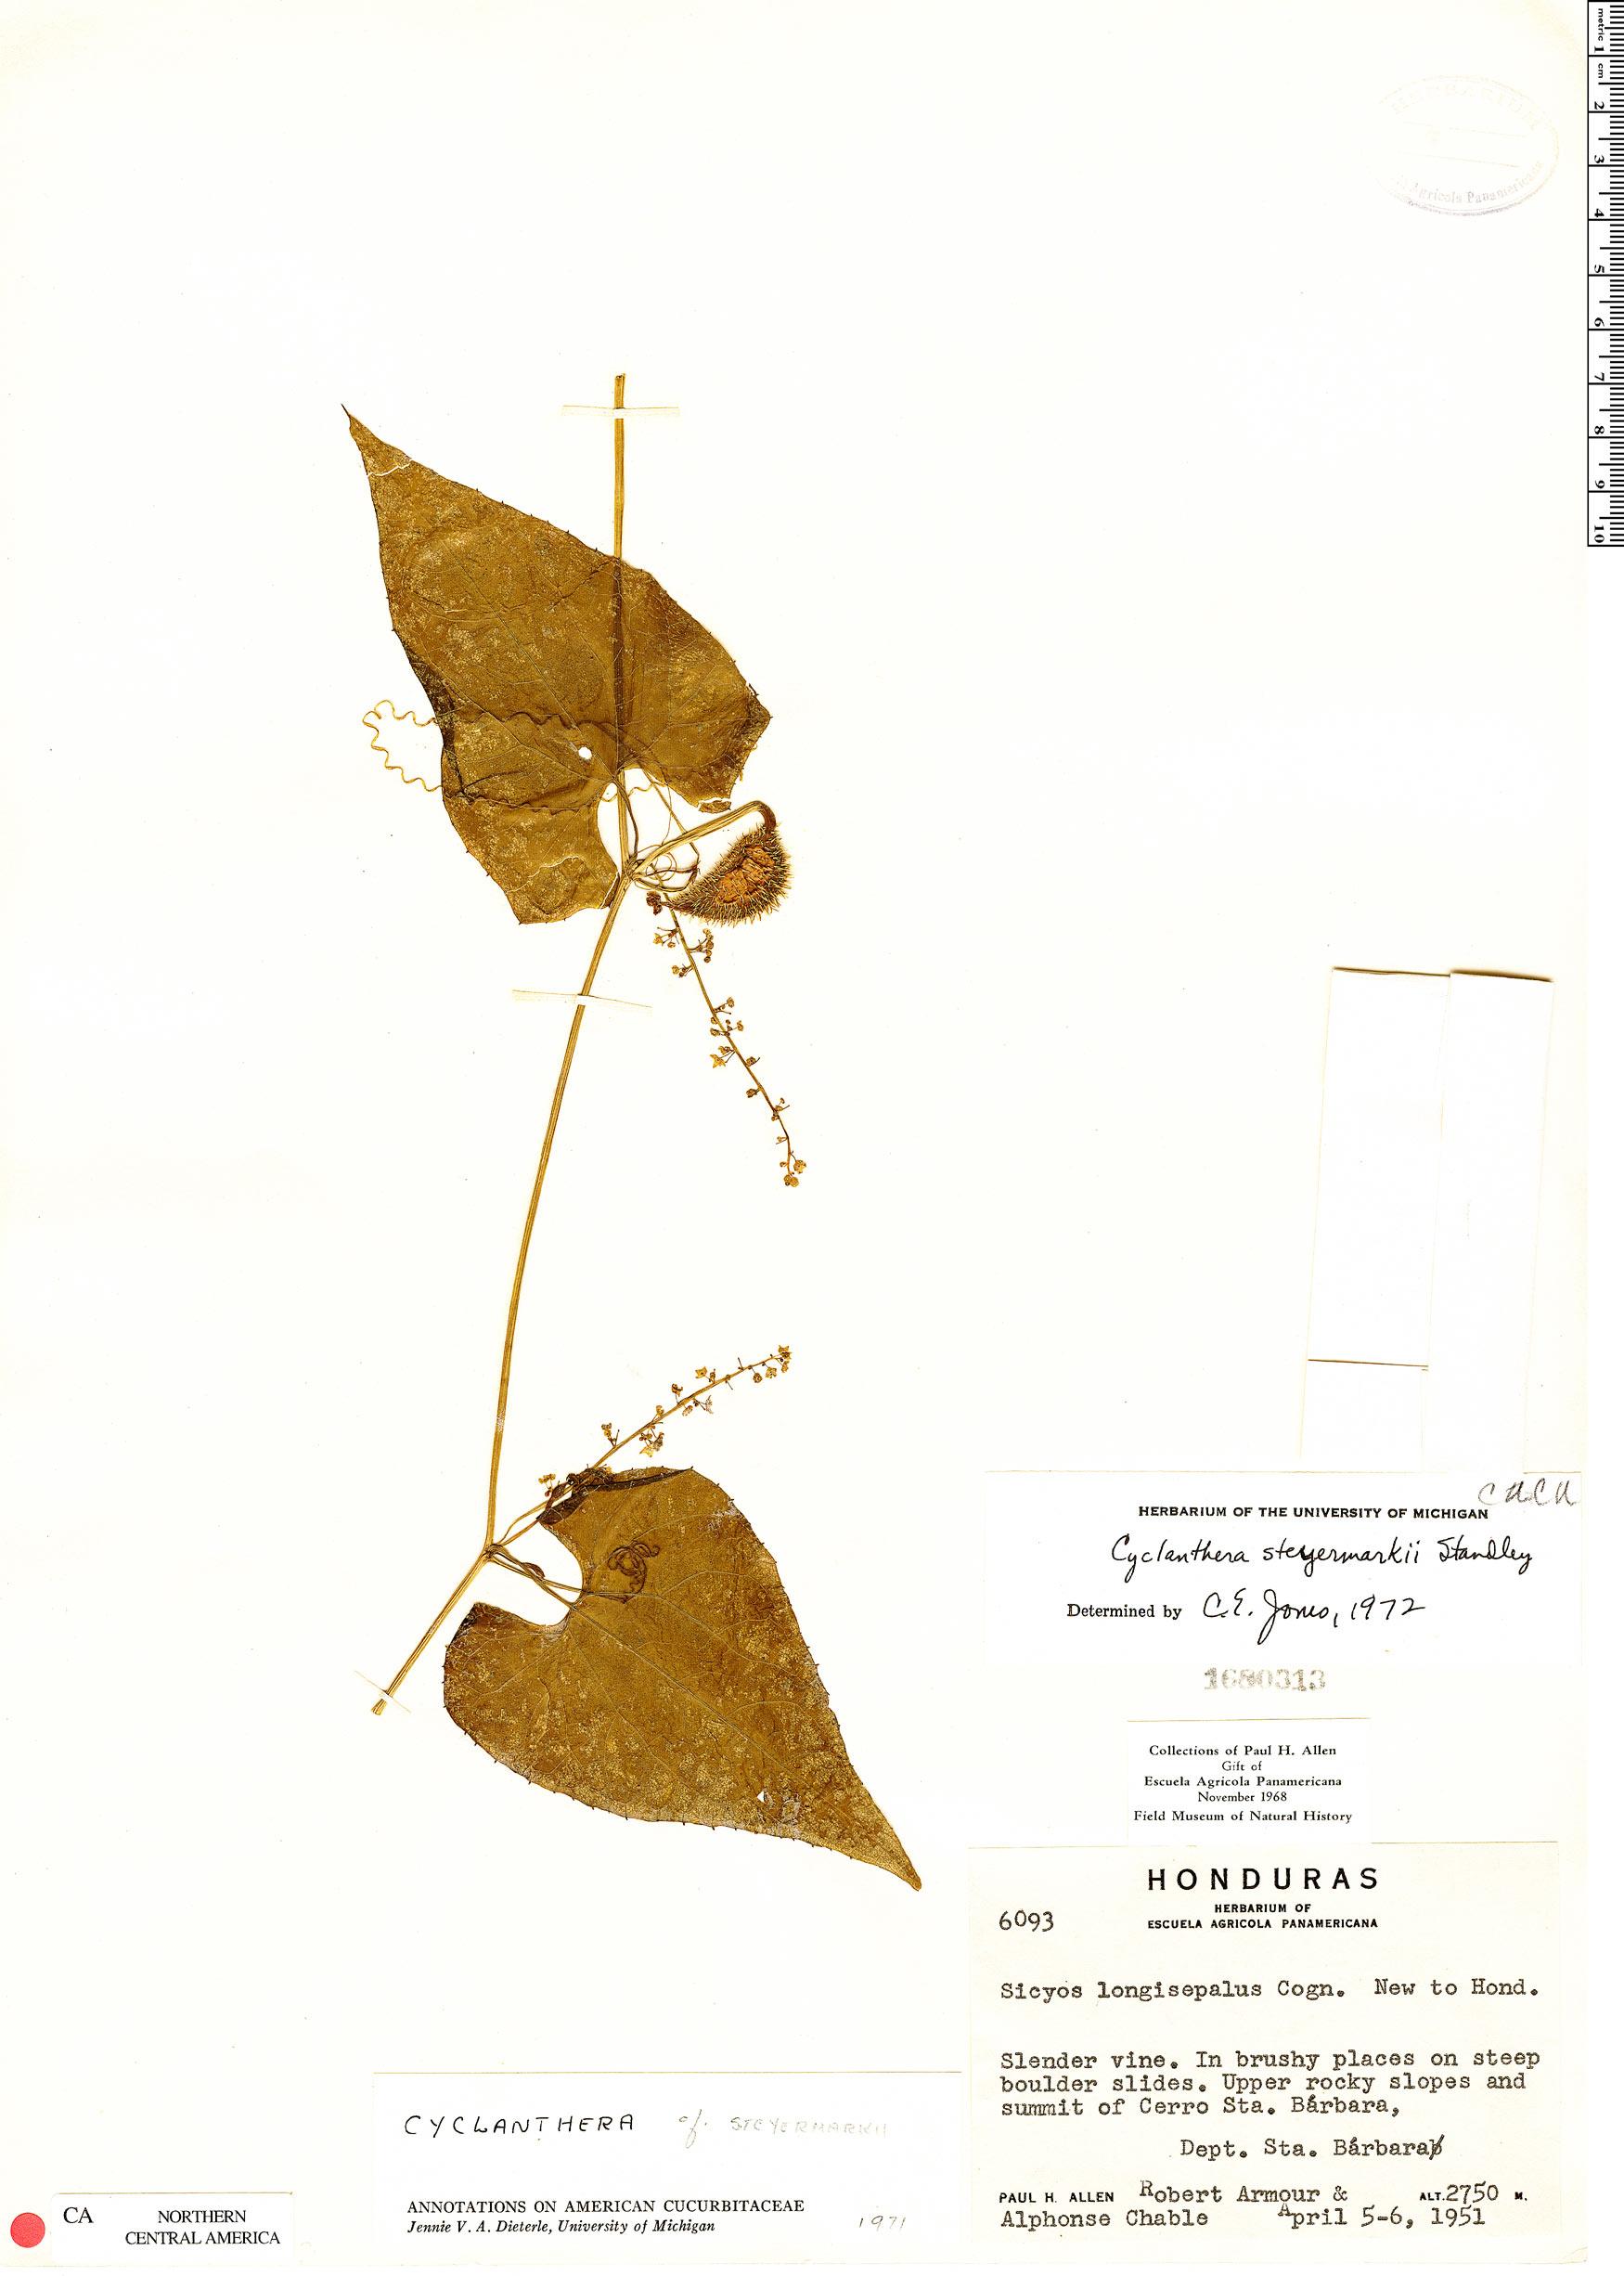 Specimen: Cyclanthera steyermarkii